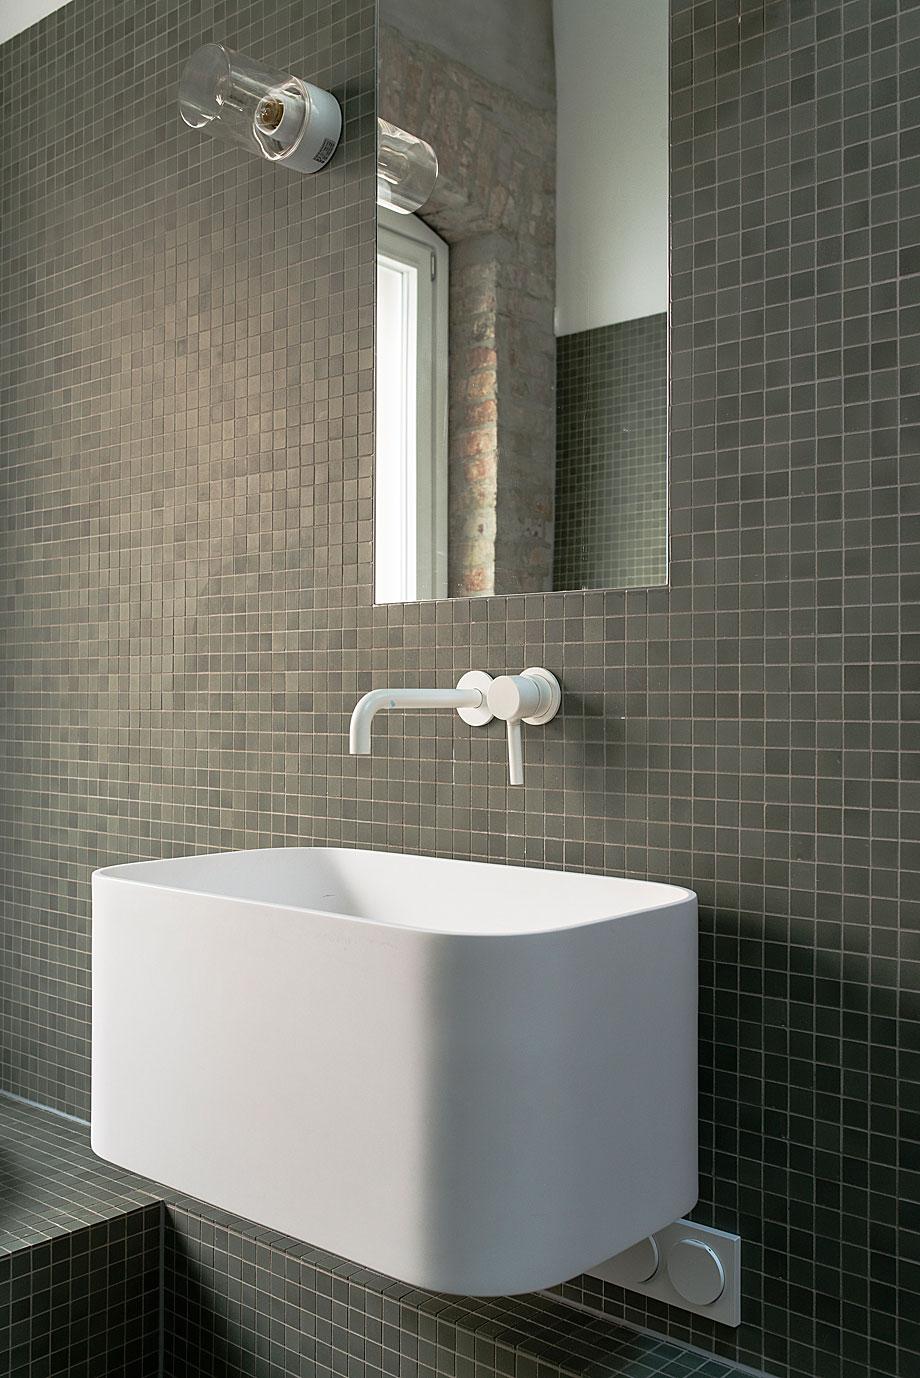 casa-mmb-asdfg-architekten-fotos-michal-pfisterer-14